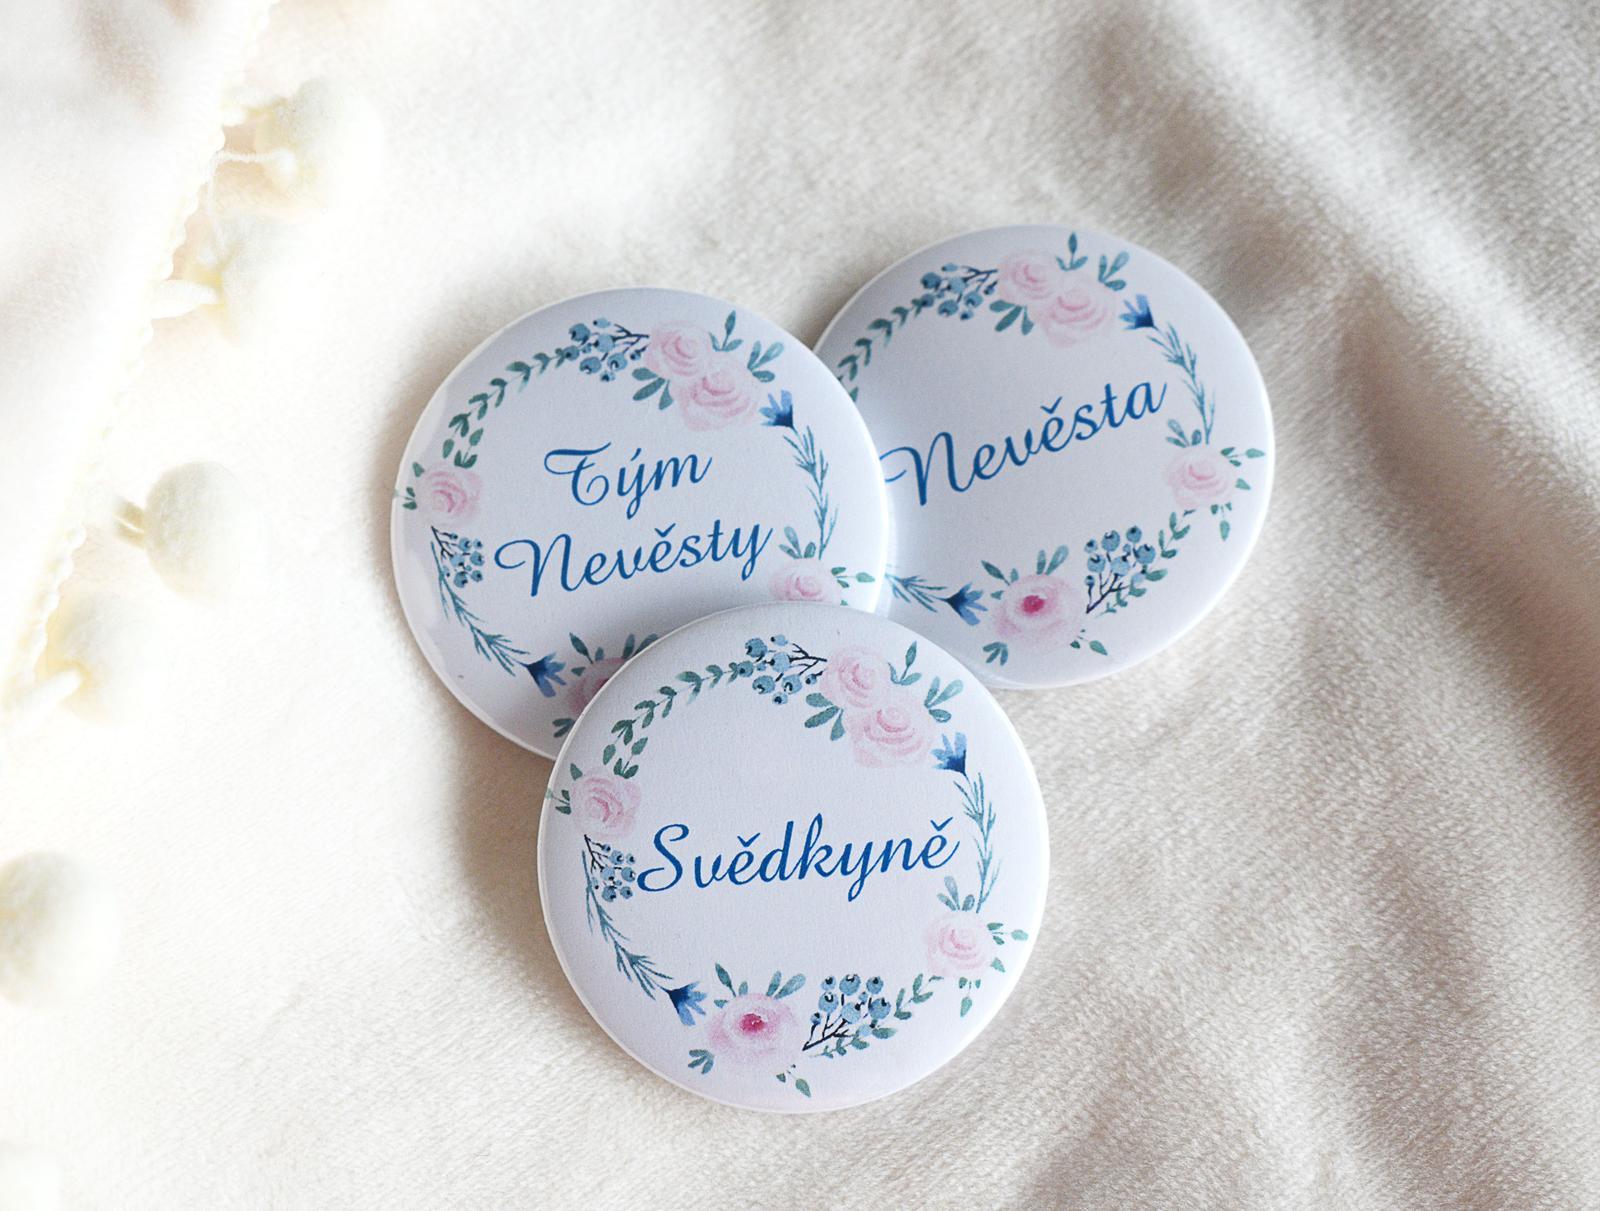 erika_rekniano - buttonky / placky 44mm pro nevěstu a její tým